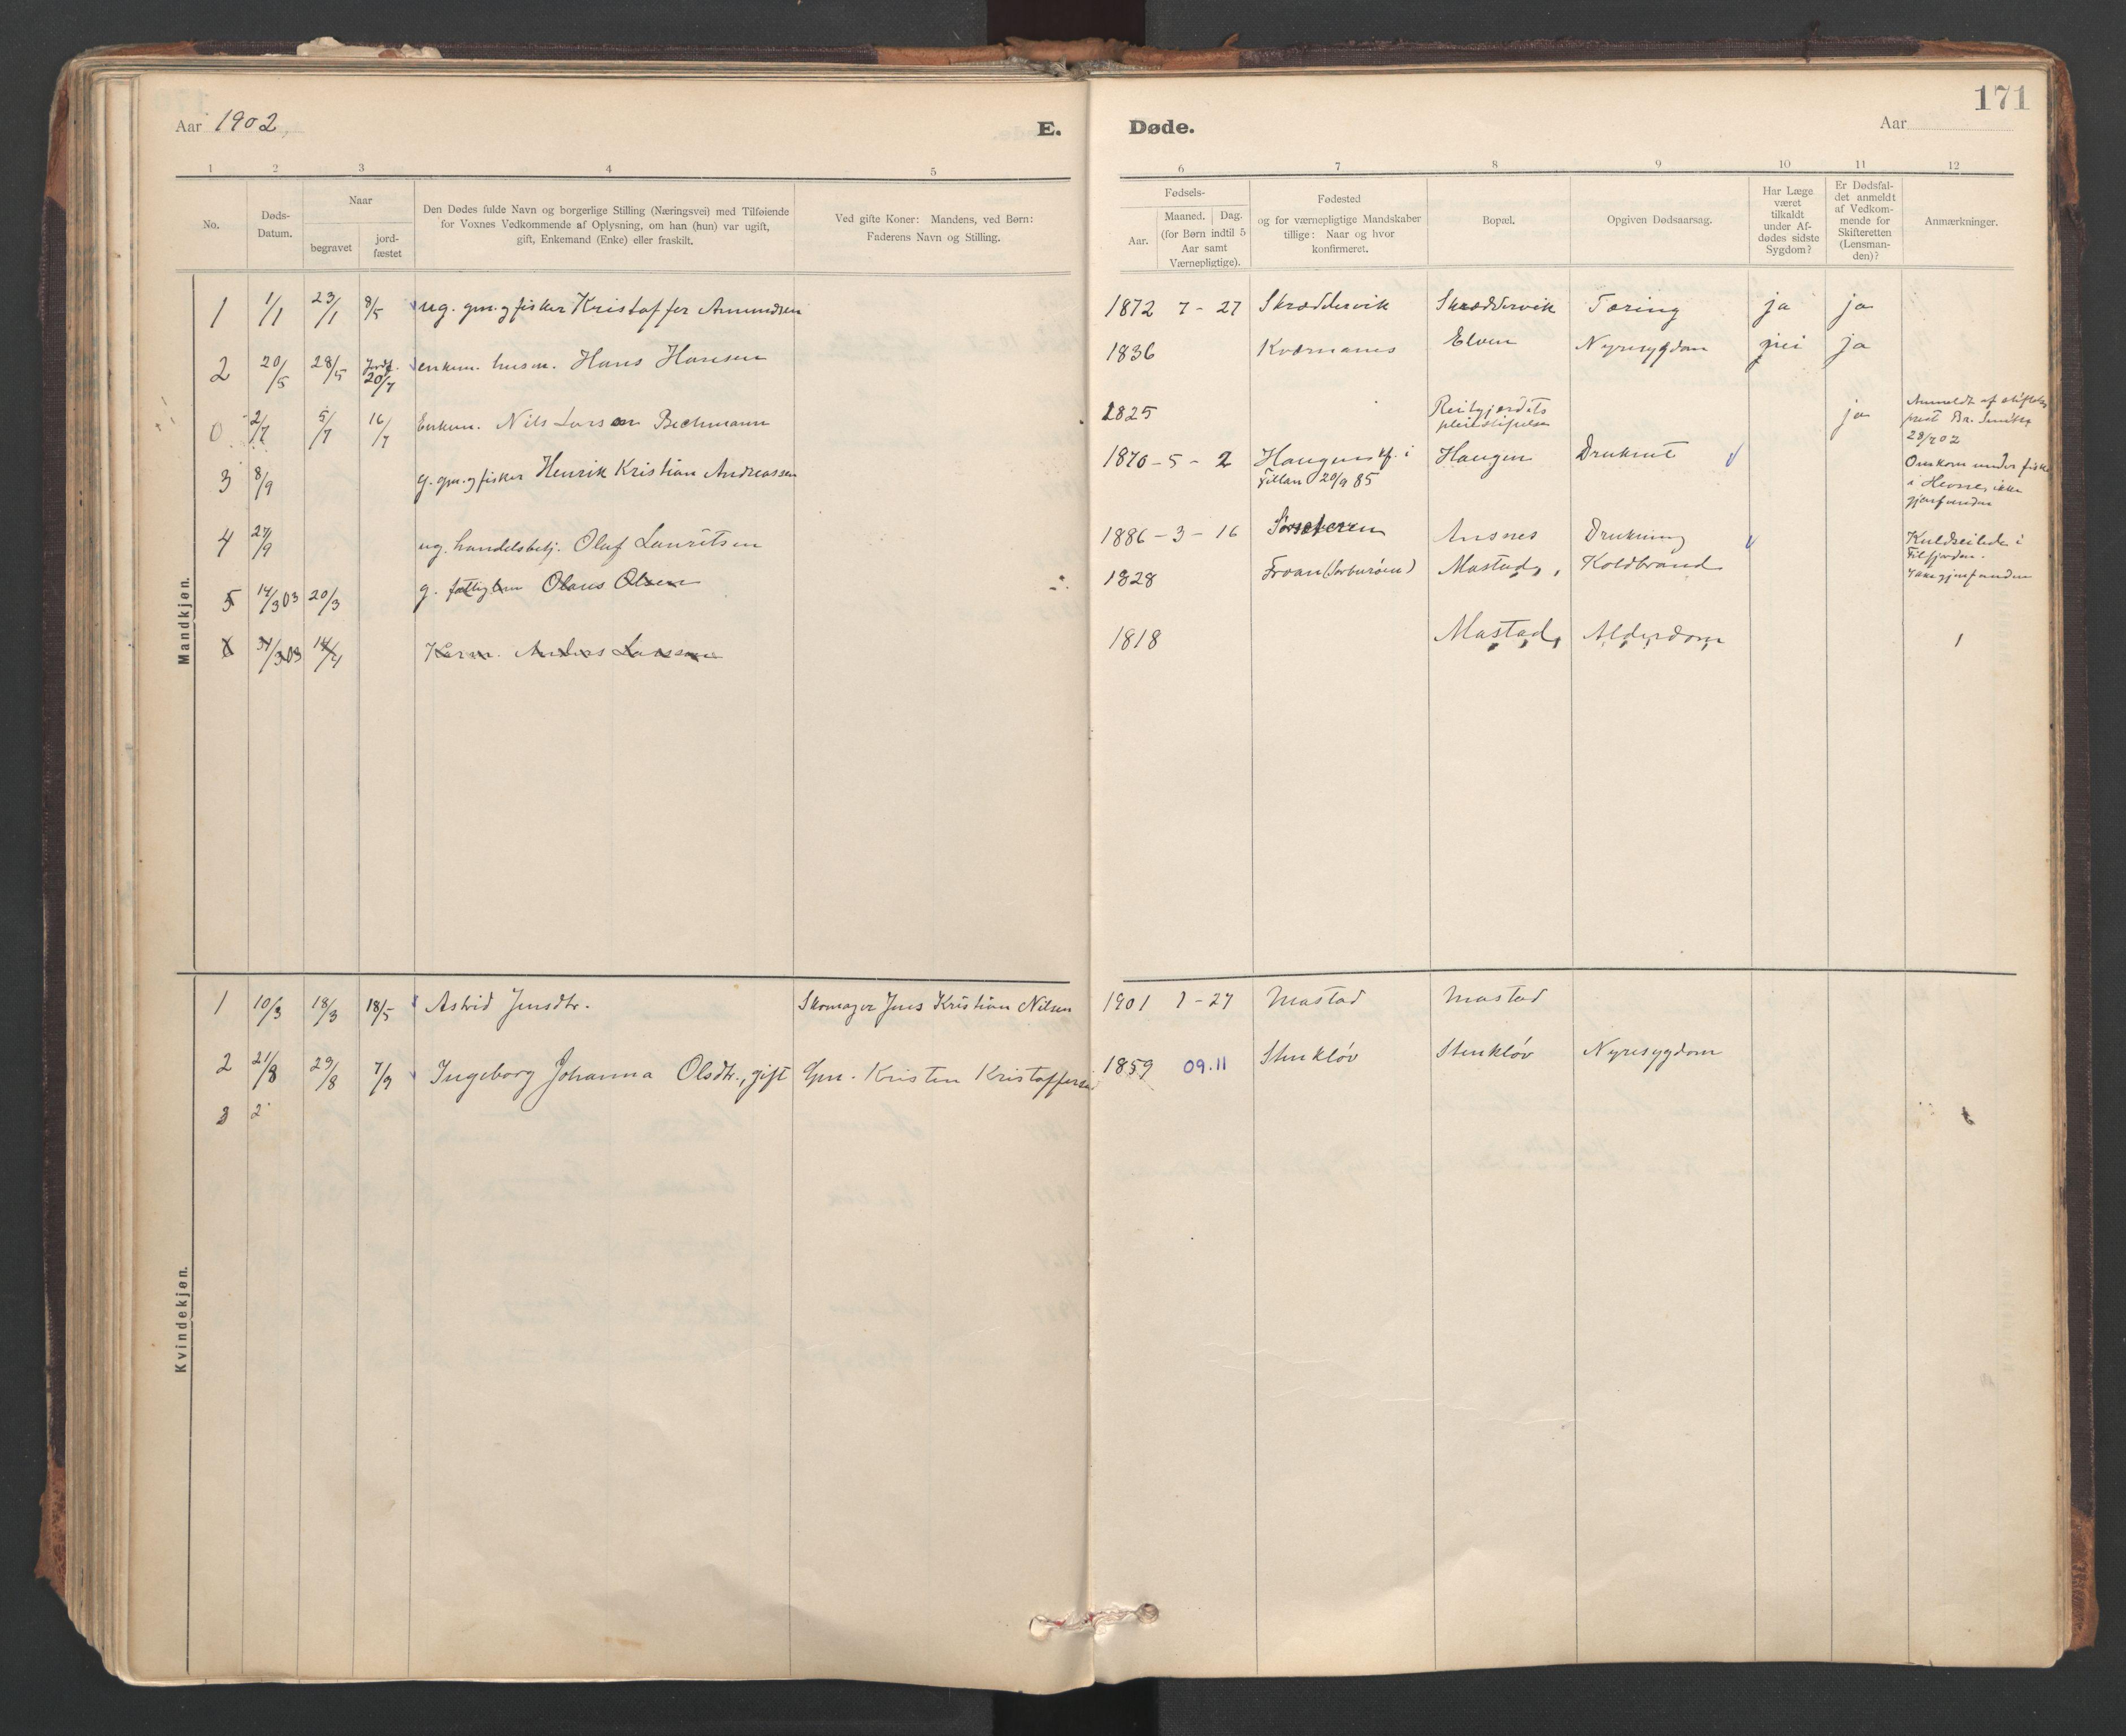 SAT, Ministerialprotokoller, klokkerbøker og fødselsregistre - Sør-Trøndelag, 637/L0559: Ministerialbok nr. 637A02, 1899-1923, s. 171